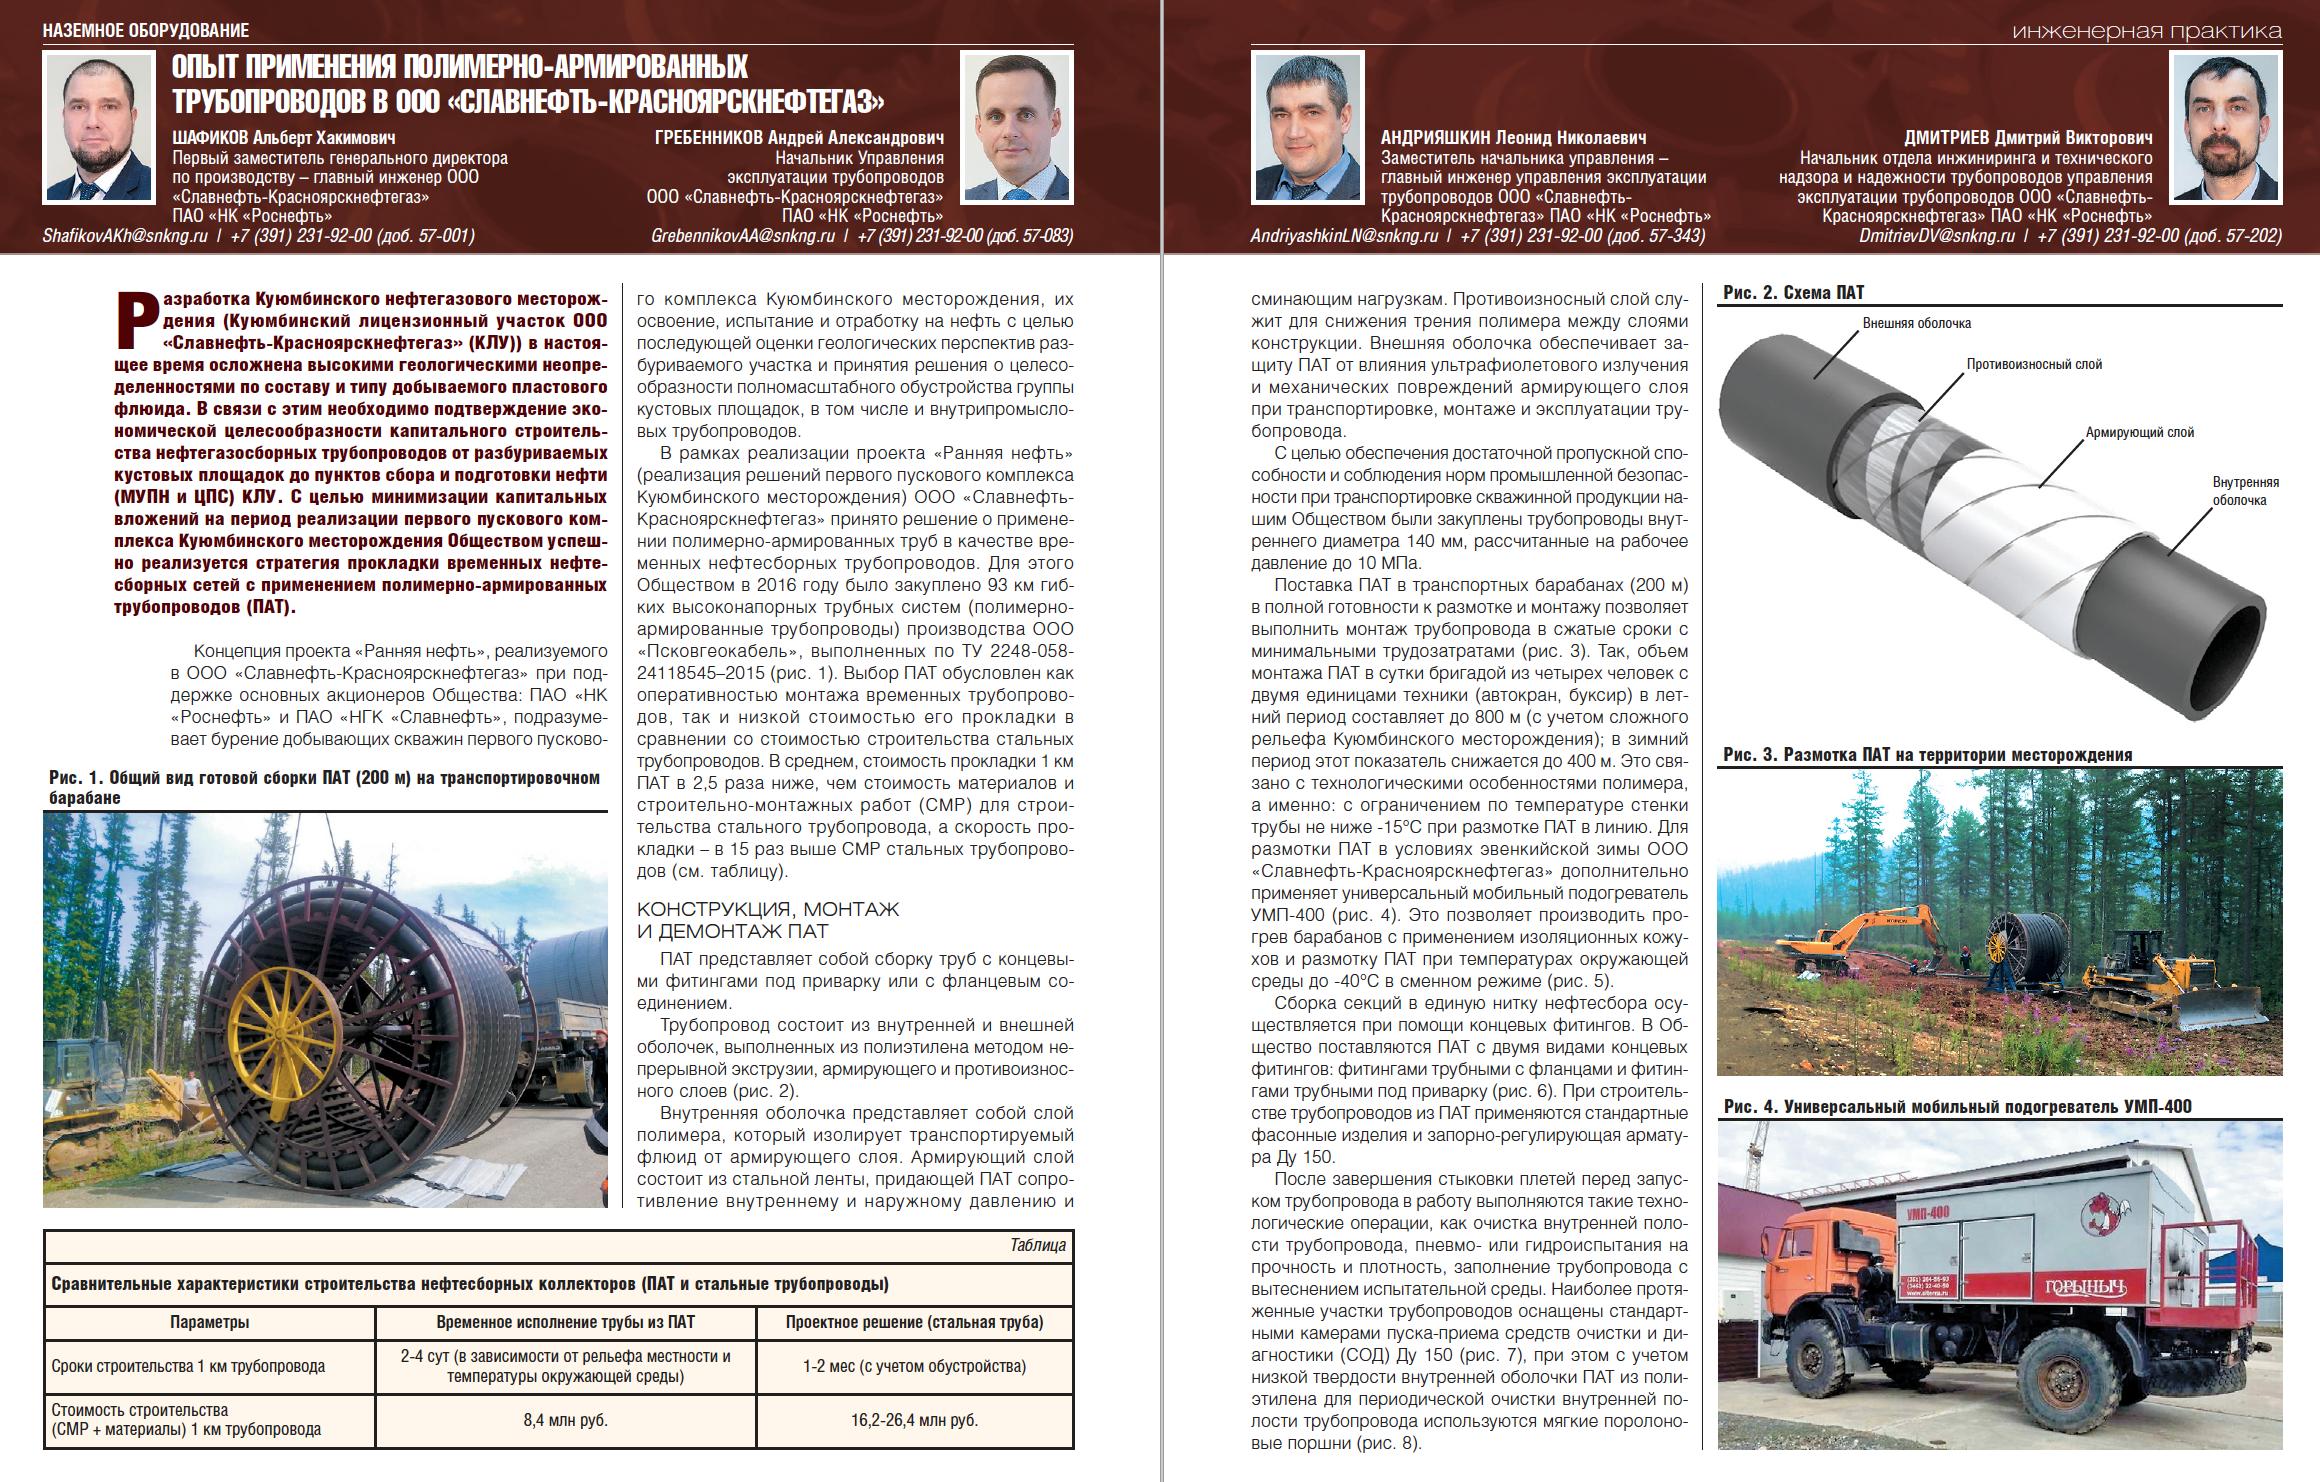 31525 Опыт применения полимерно-армированных трубопроводов в ООО «Славнефть-Красноярскнефтегаз»